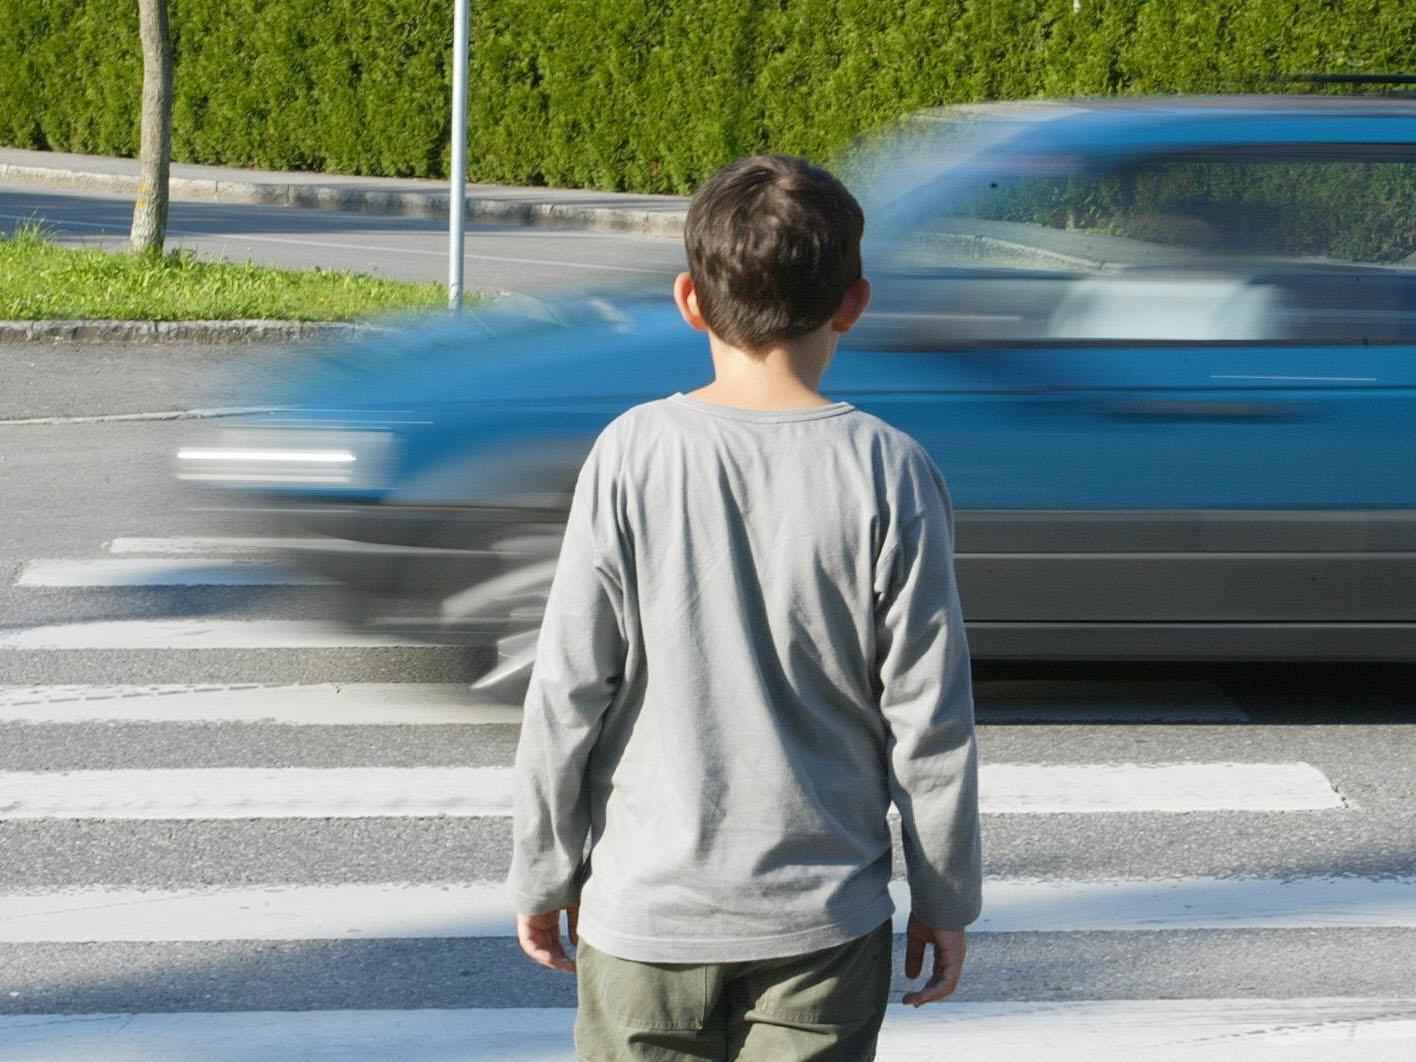 Der Autofahrer fuhr mit überhöhter Geschwindigkeit über den Schutzweg.